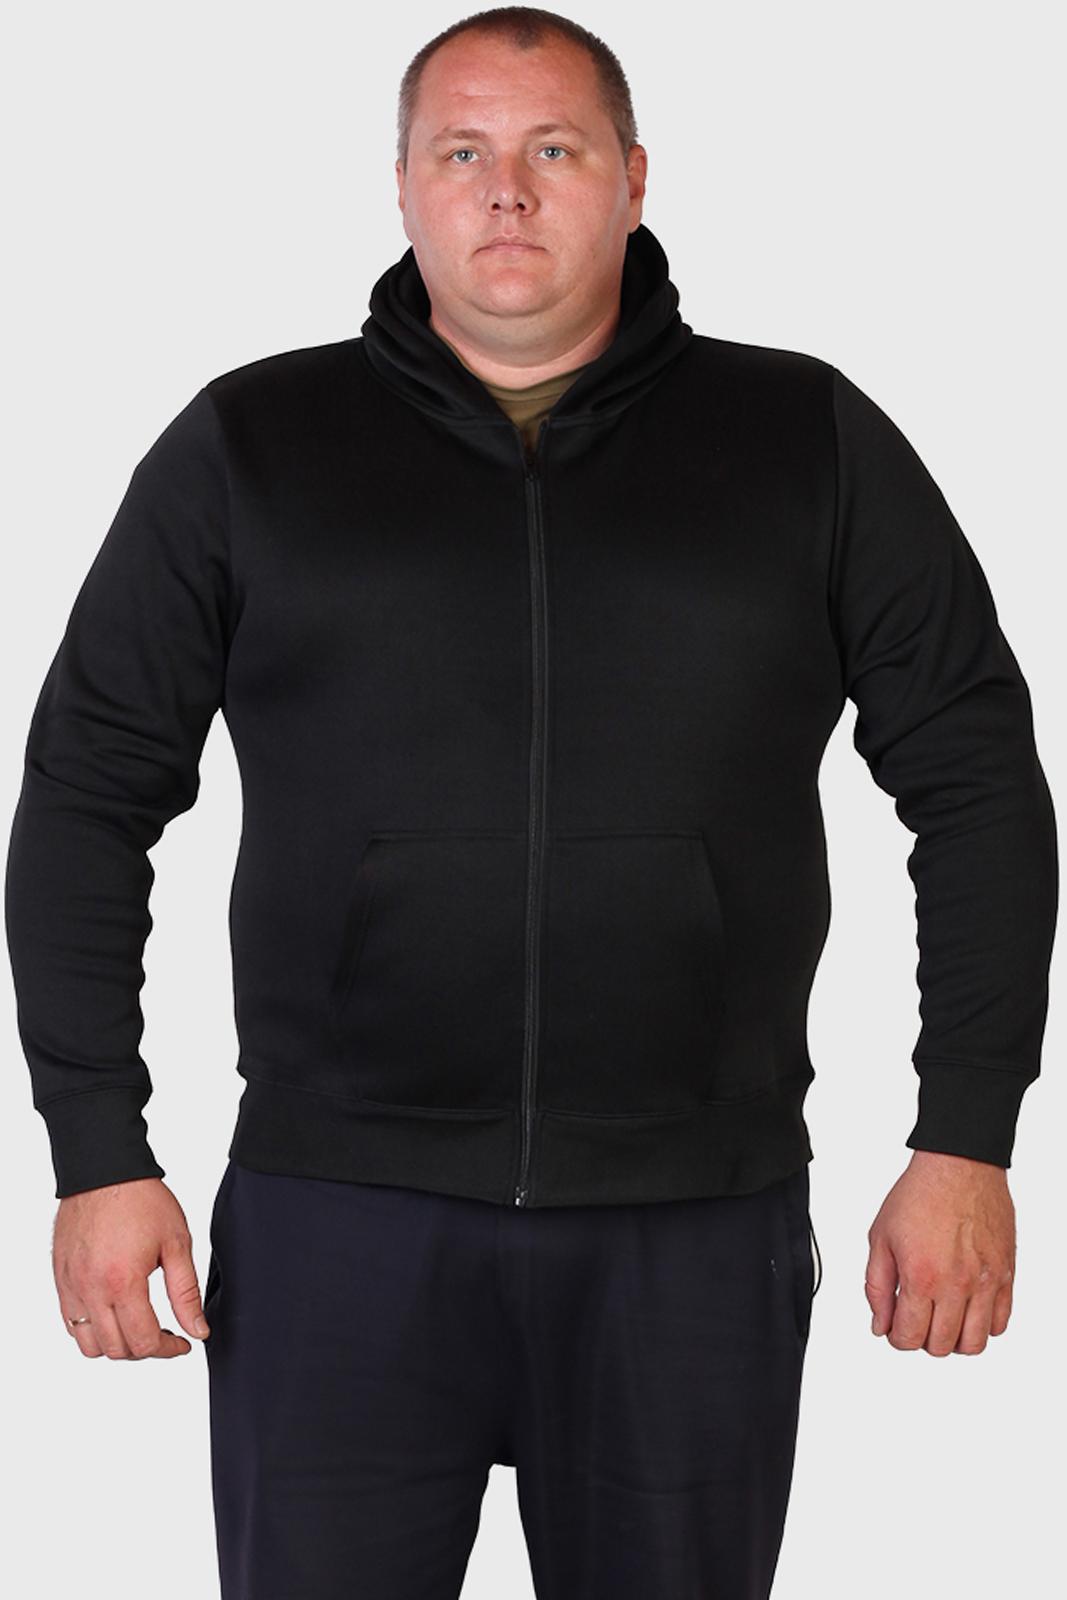 Теплые мужские толстовки с капюшоном оптом и в розницу